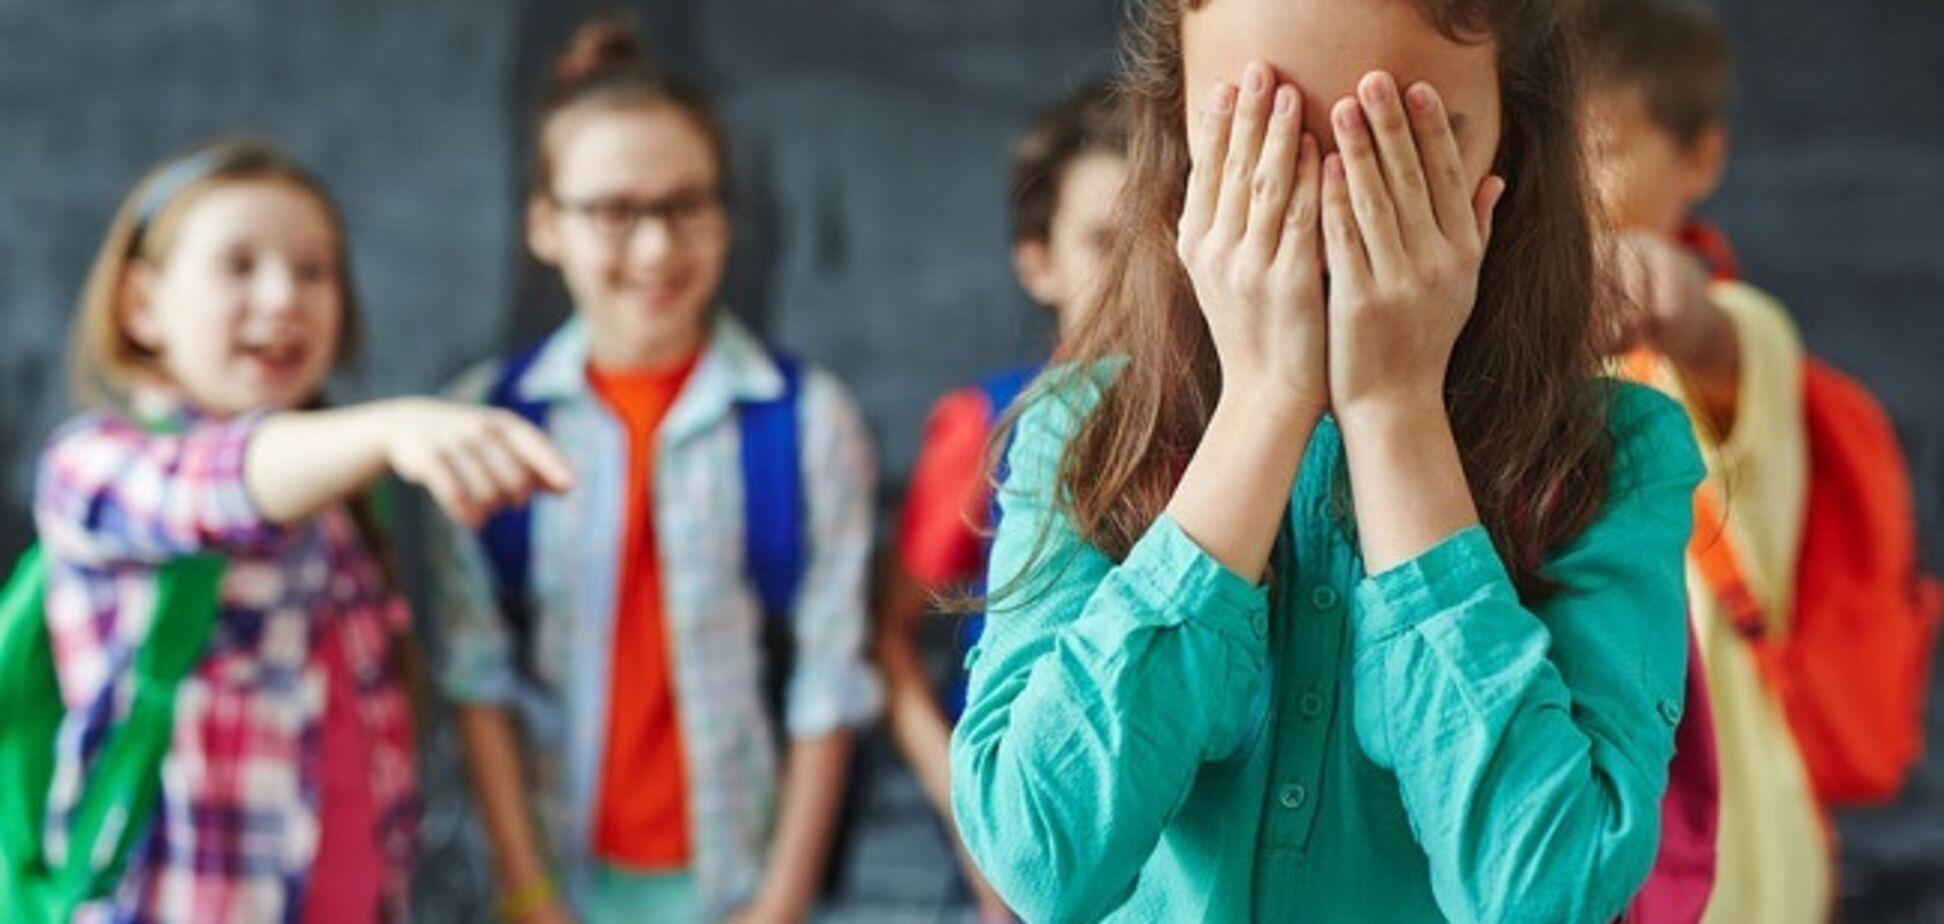 Публічне приниження у школі Харкова: цькування дівчинки розгорілося з новою силою